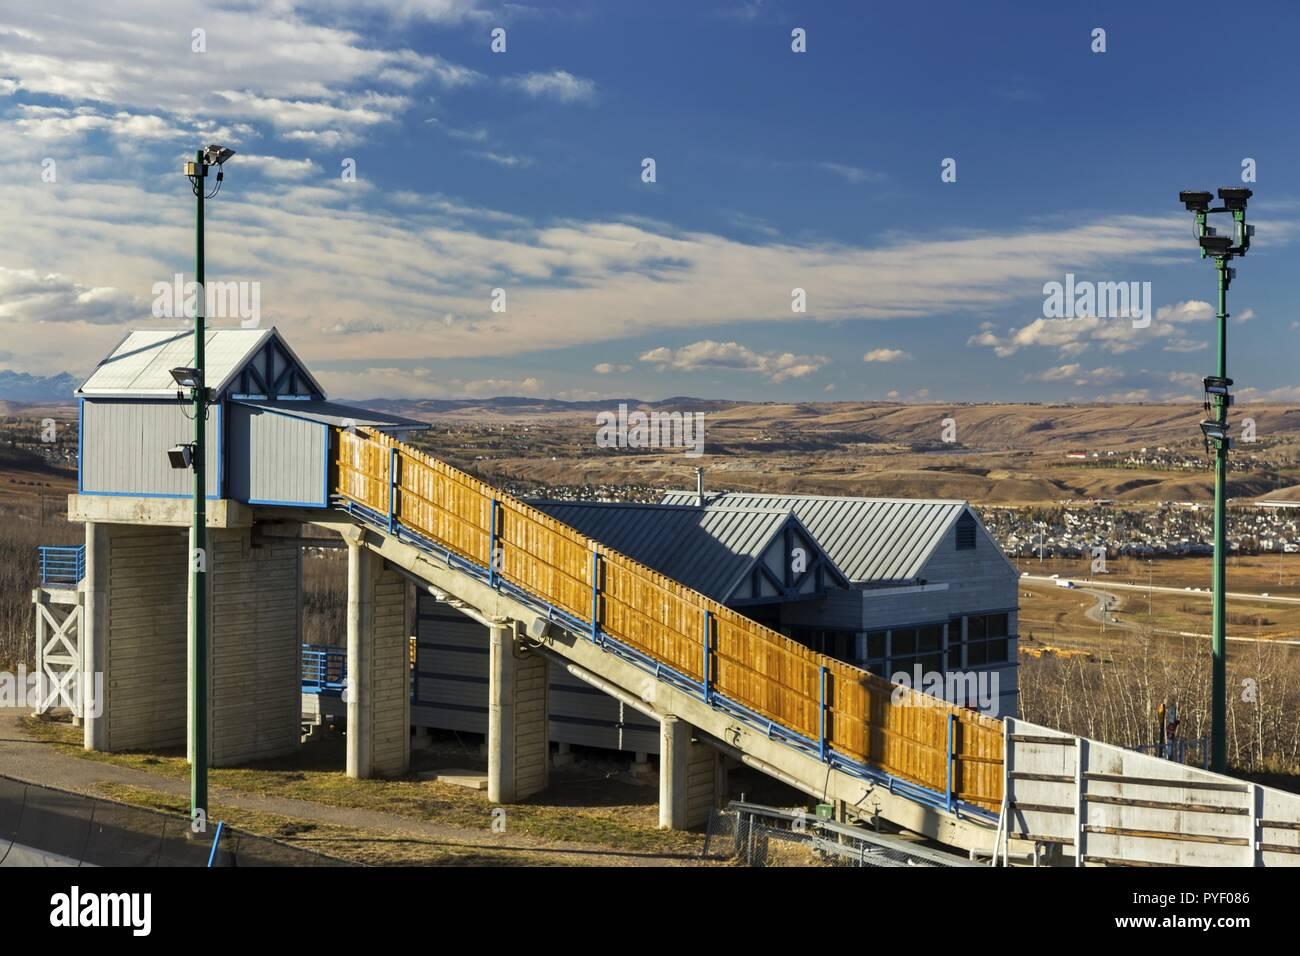 Bob trineo instalaciones deportivas de invierno en el Parque Olímpico de Canadá (CP) en la ciudad de Calgary, Alberta Imagen De Stock